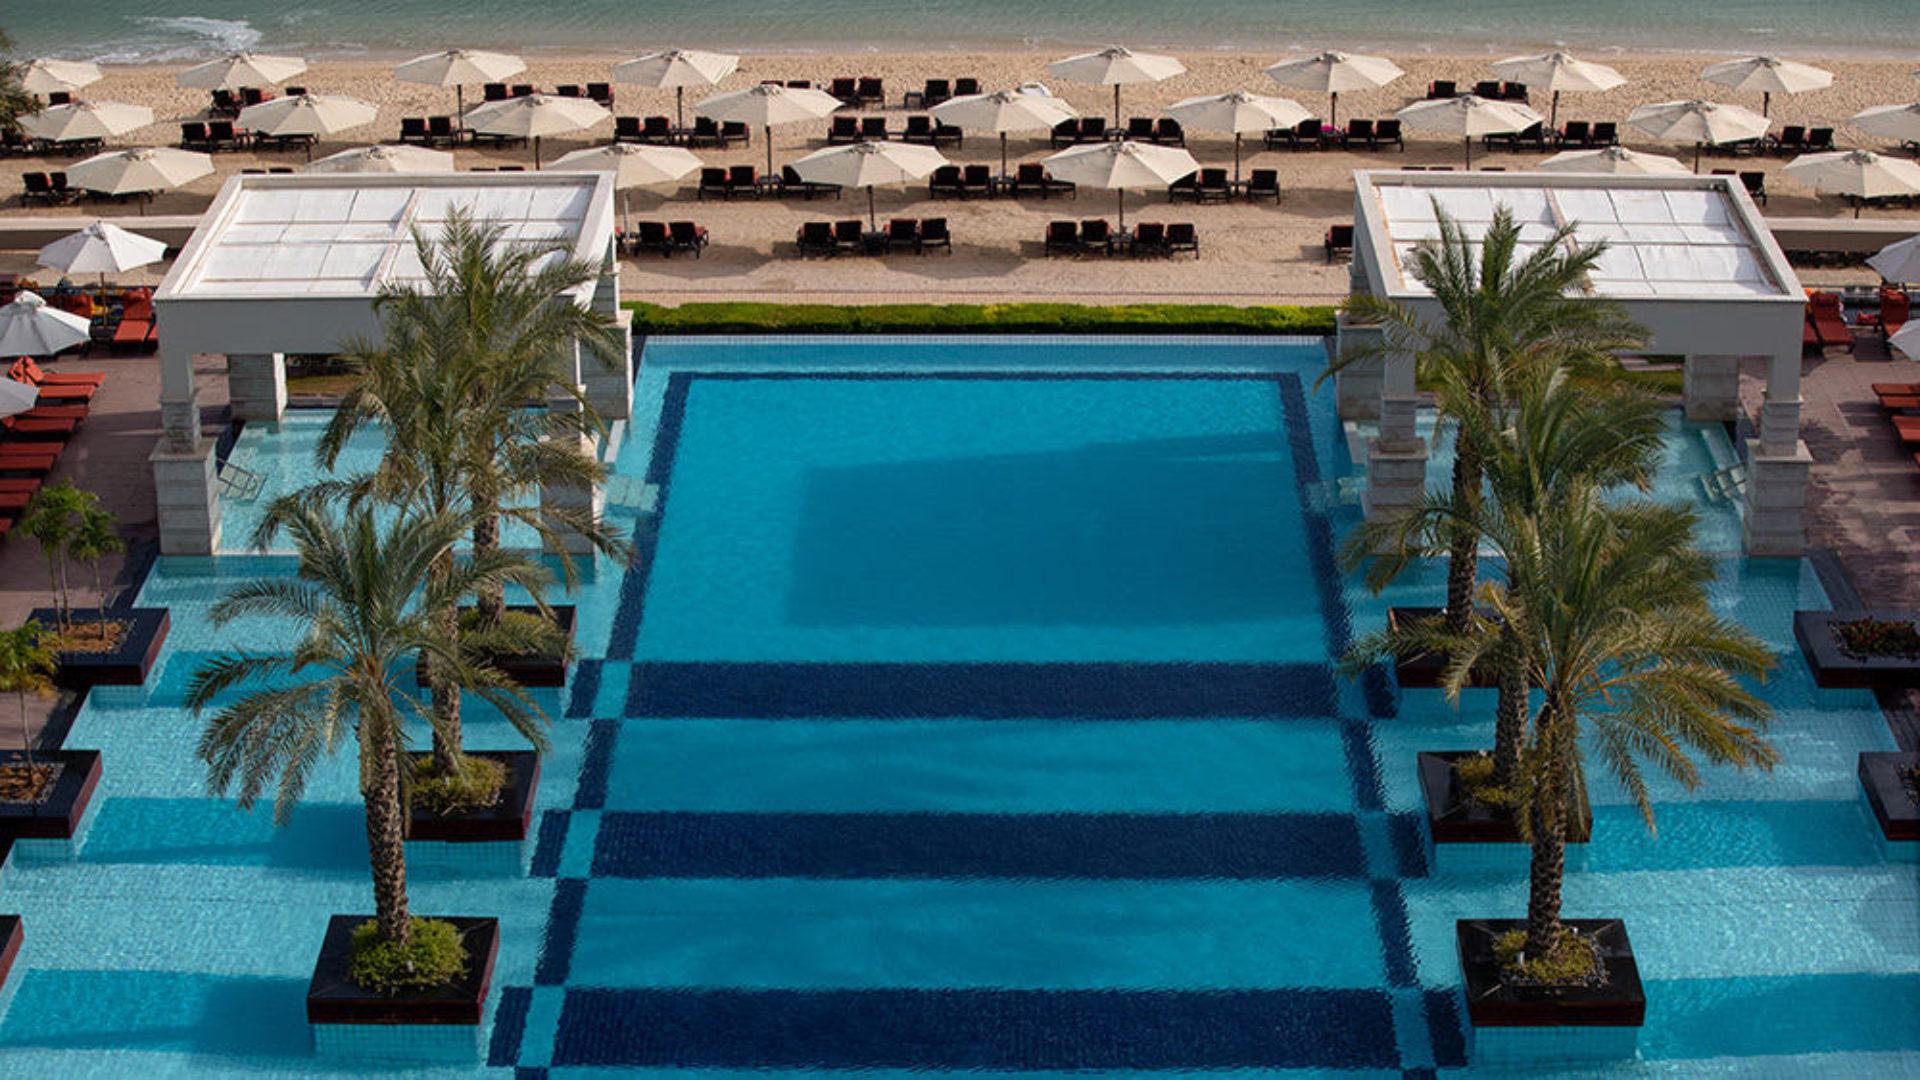 Pool and beach at Jumeirah Zabeel Saray